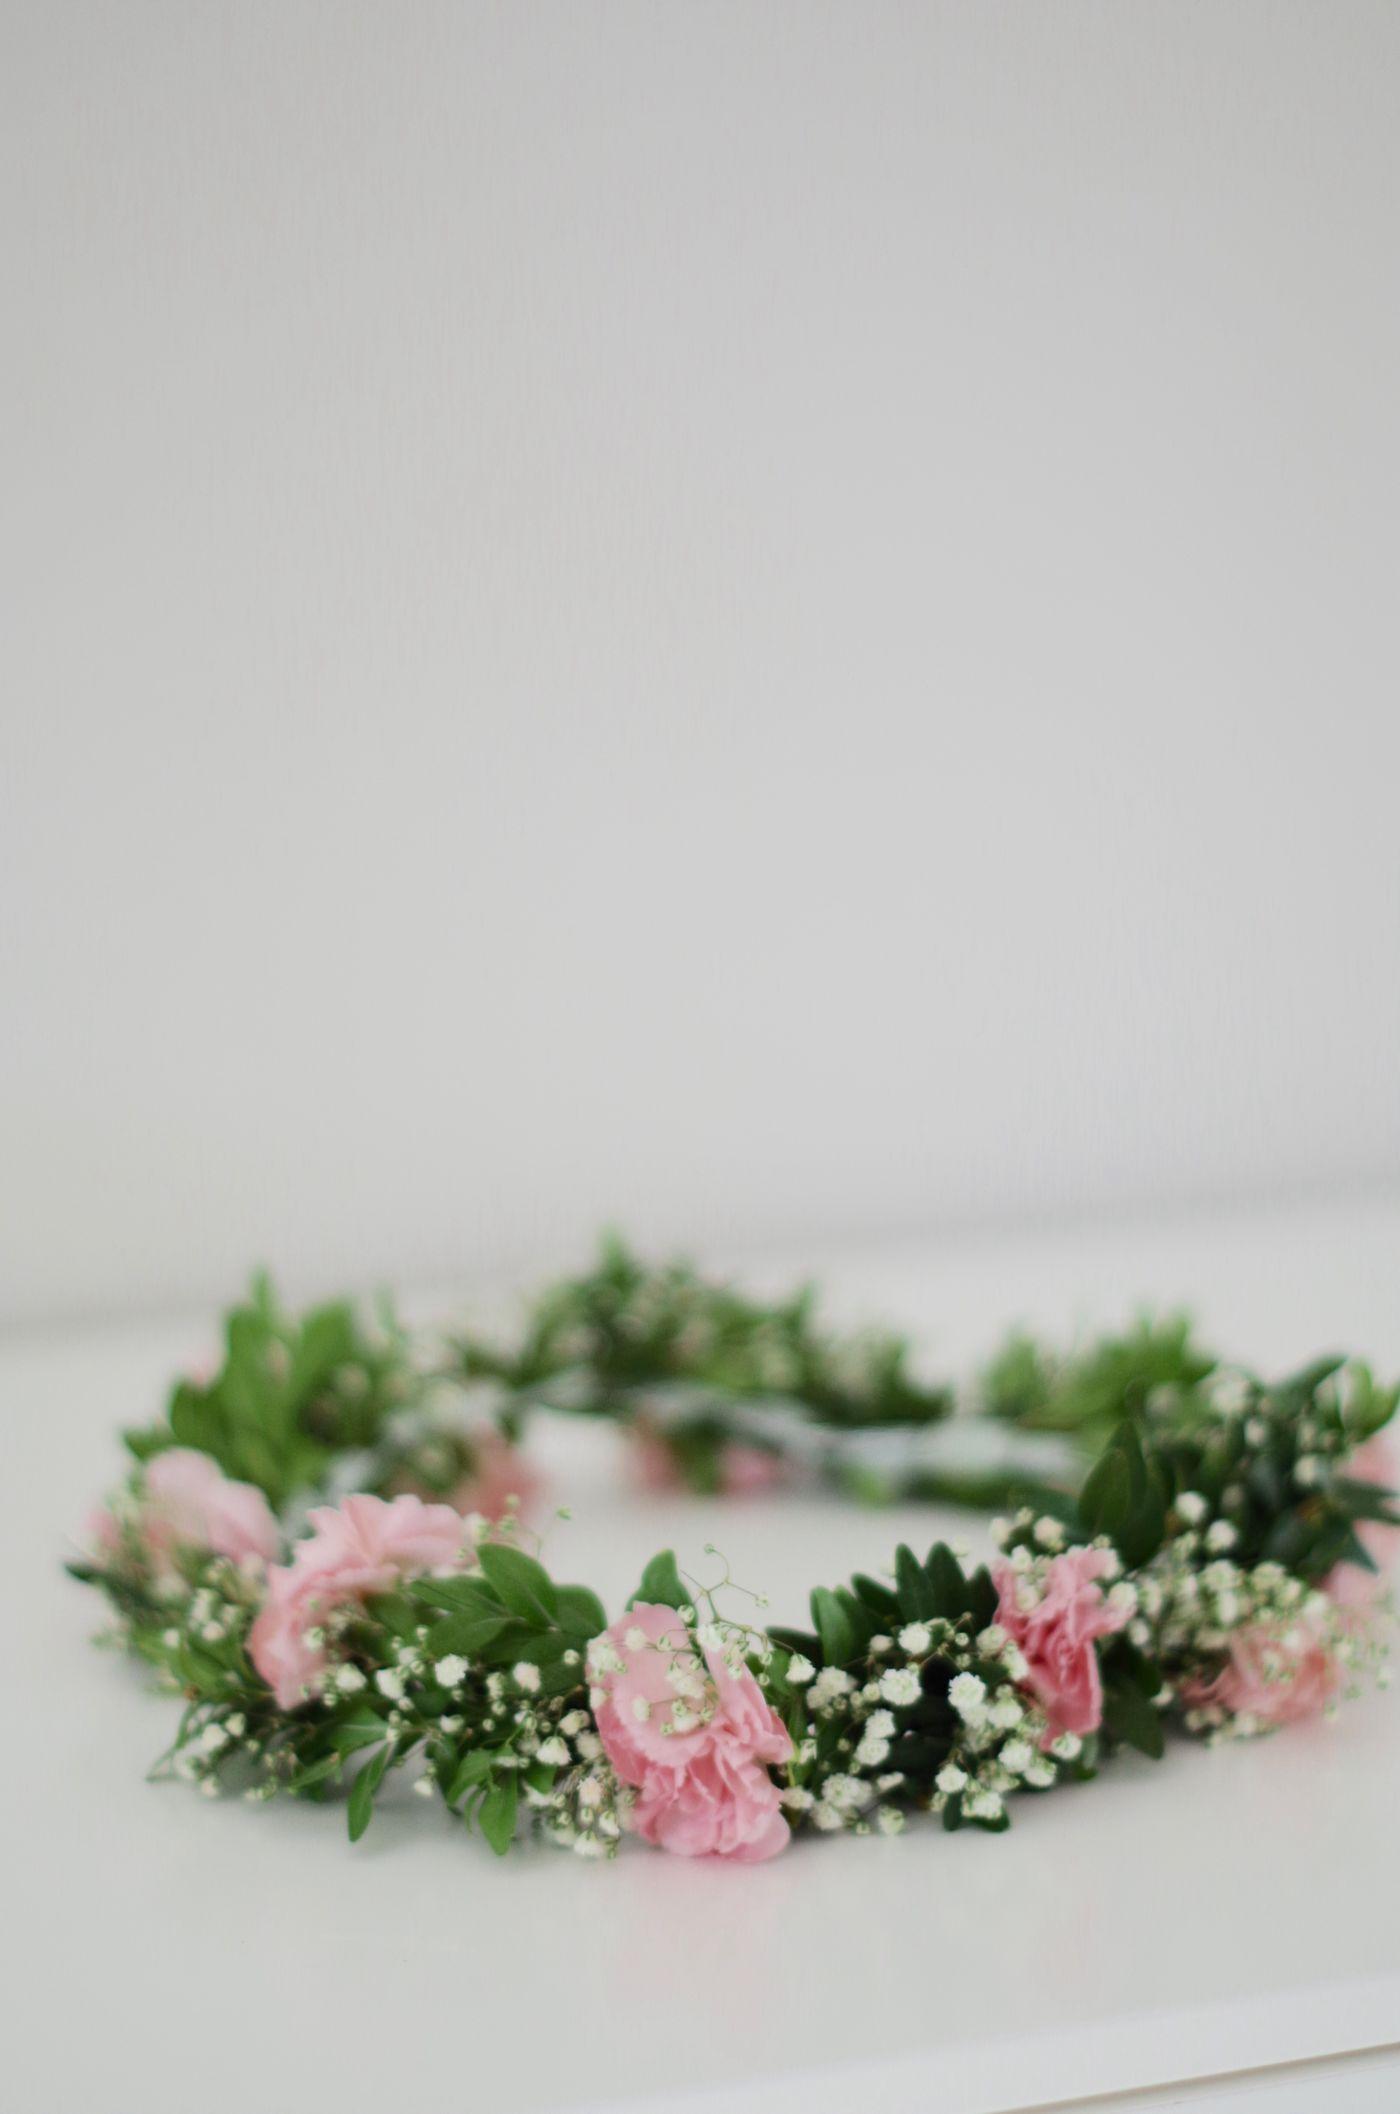 Blumenkranz Selber Binden Die Besten Anleitungen Ideen